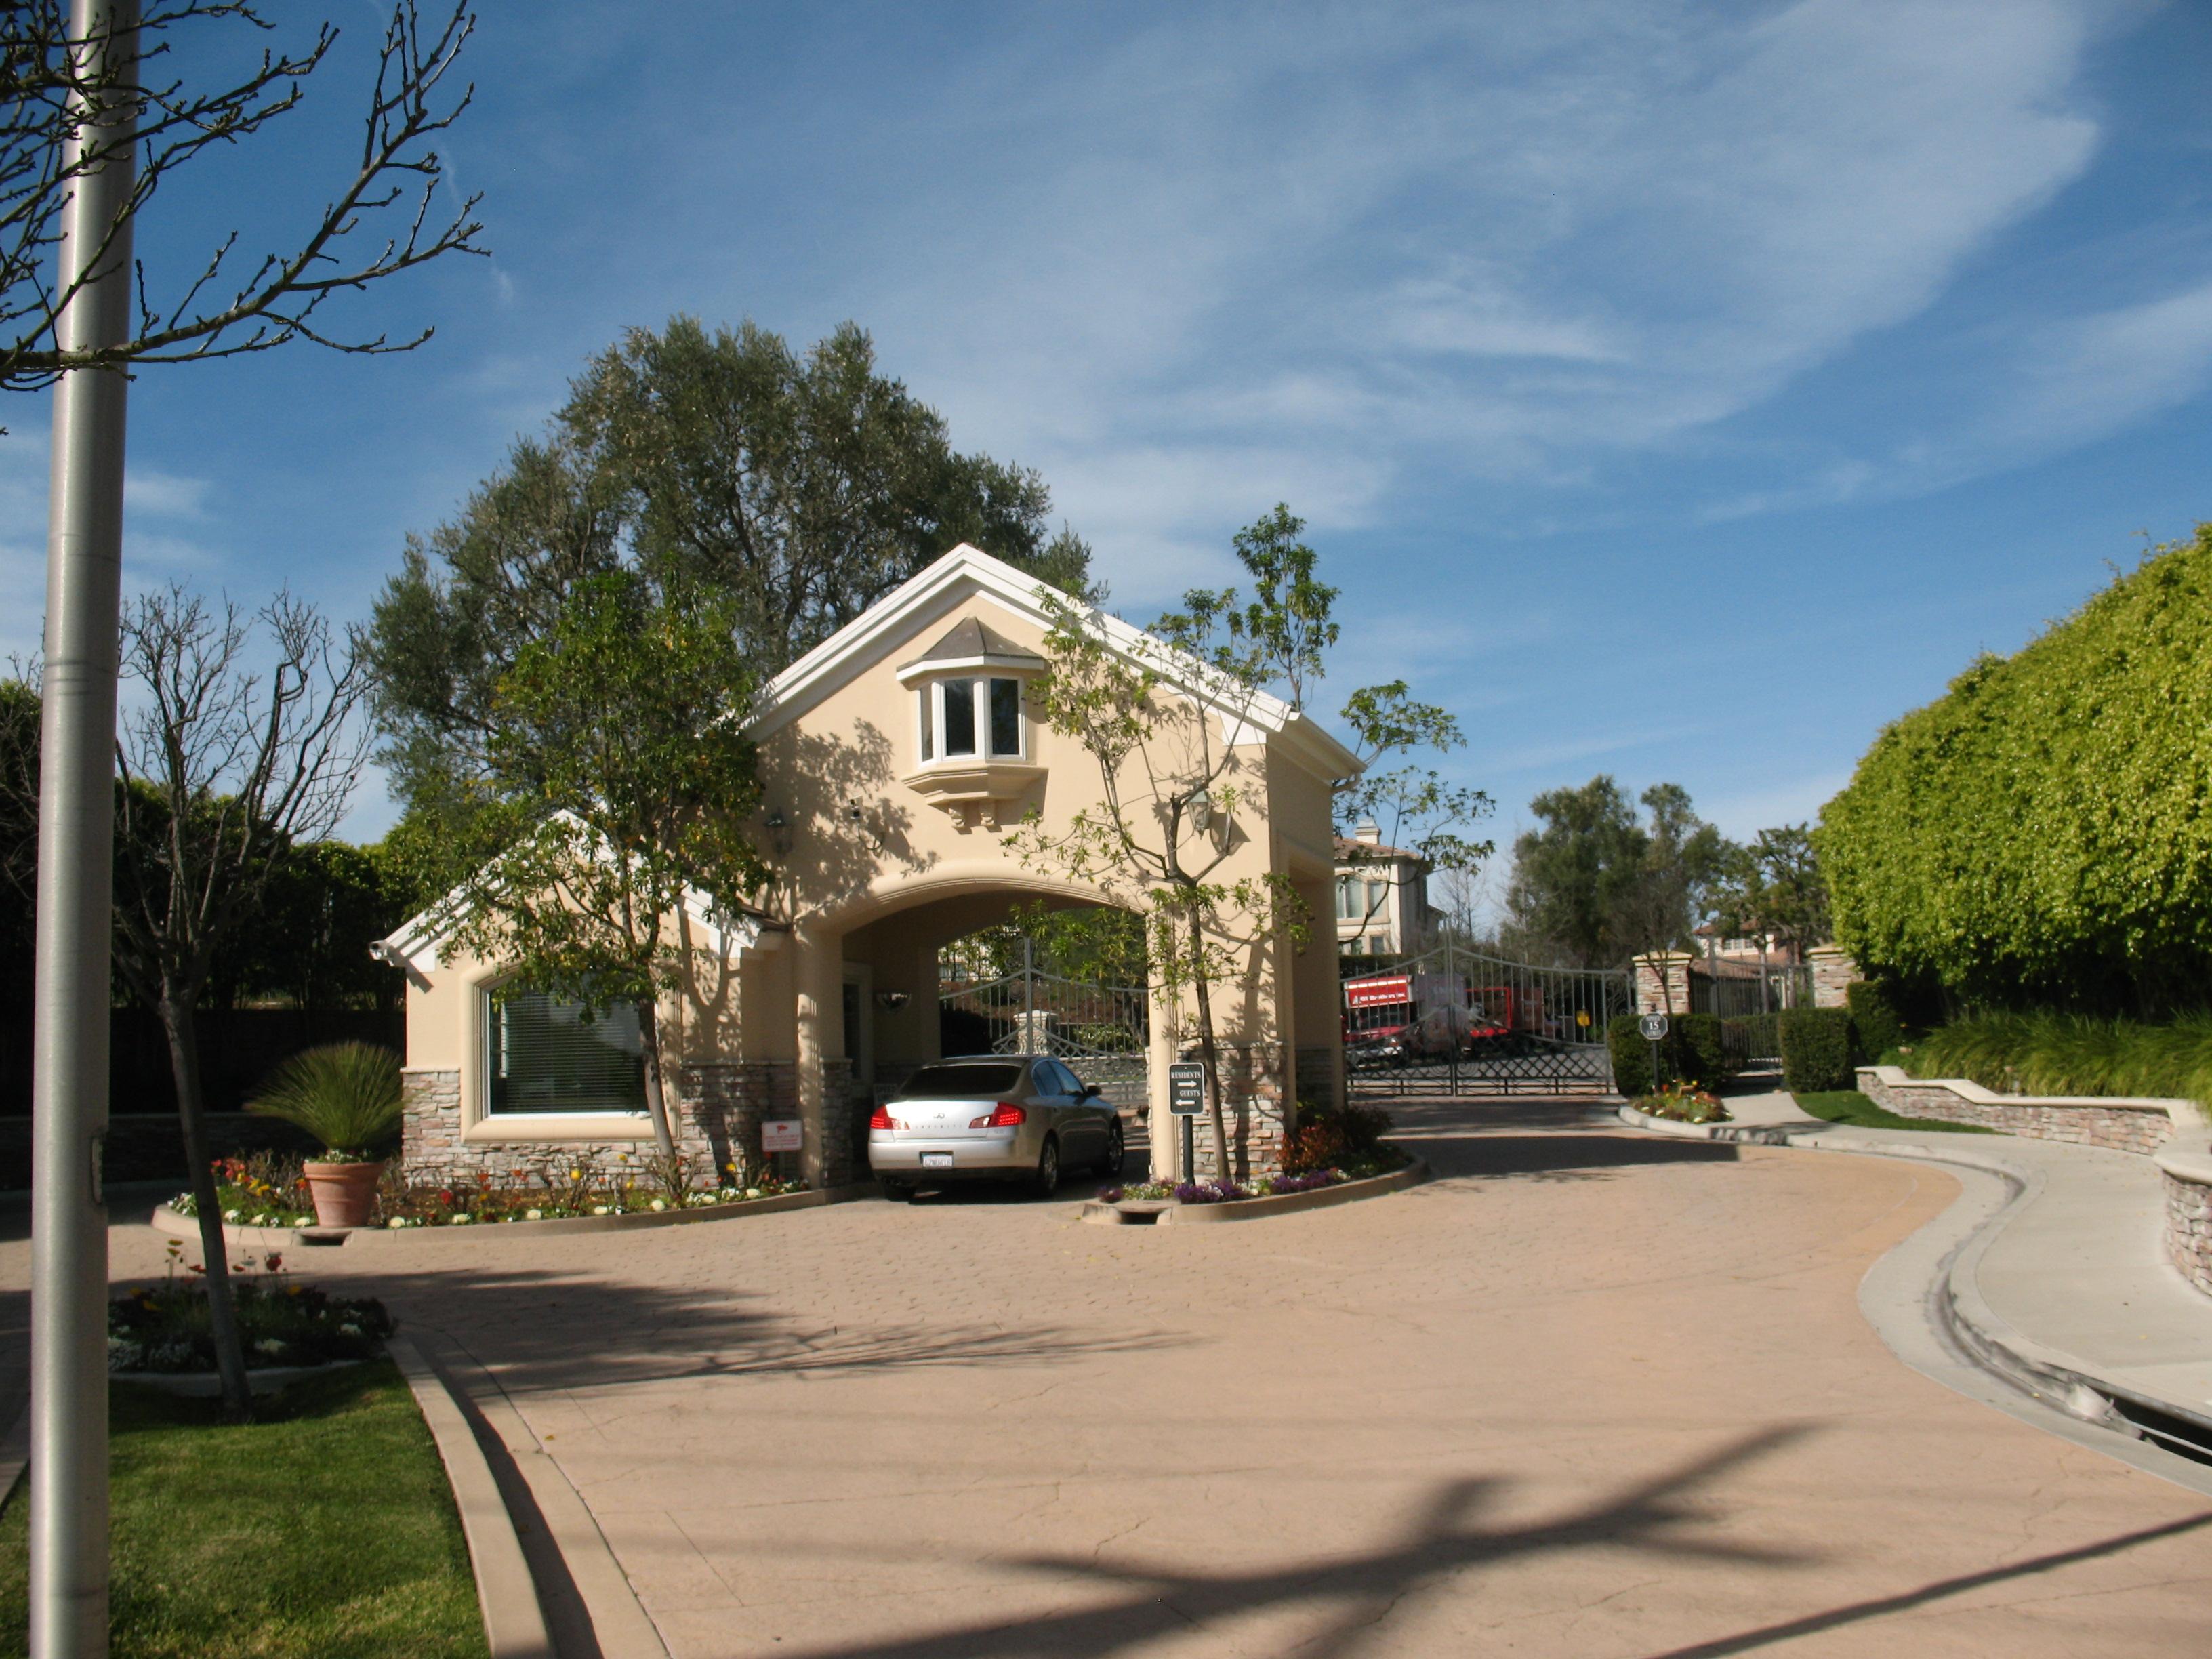 Vantage Point - Gated neighborhood in Palos Verdes